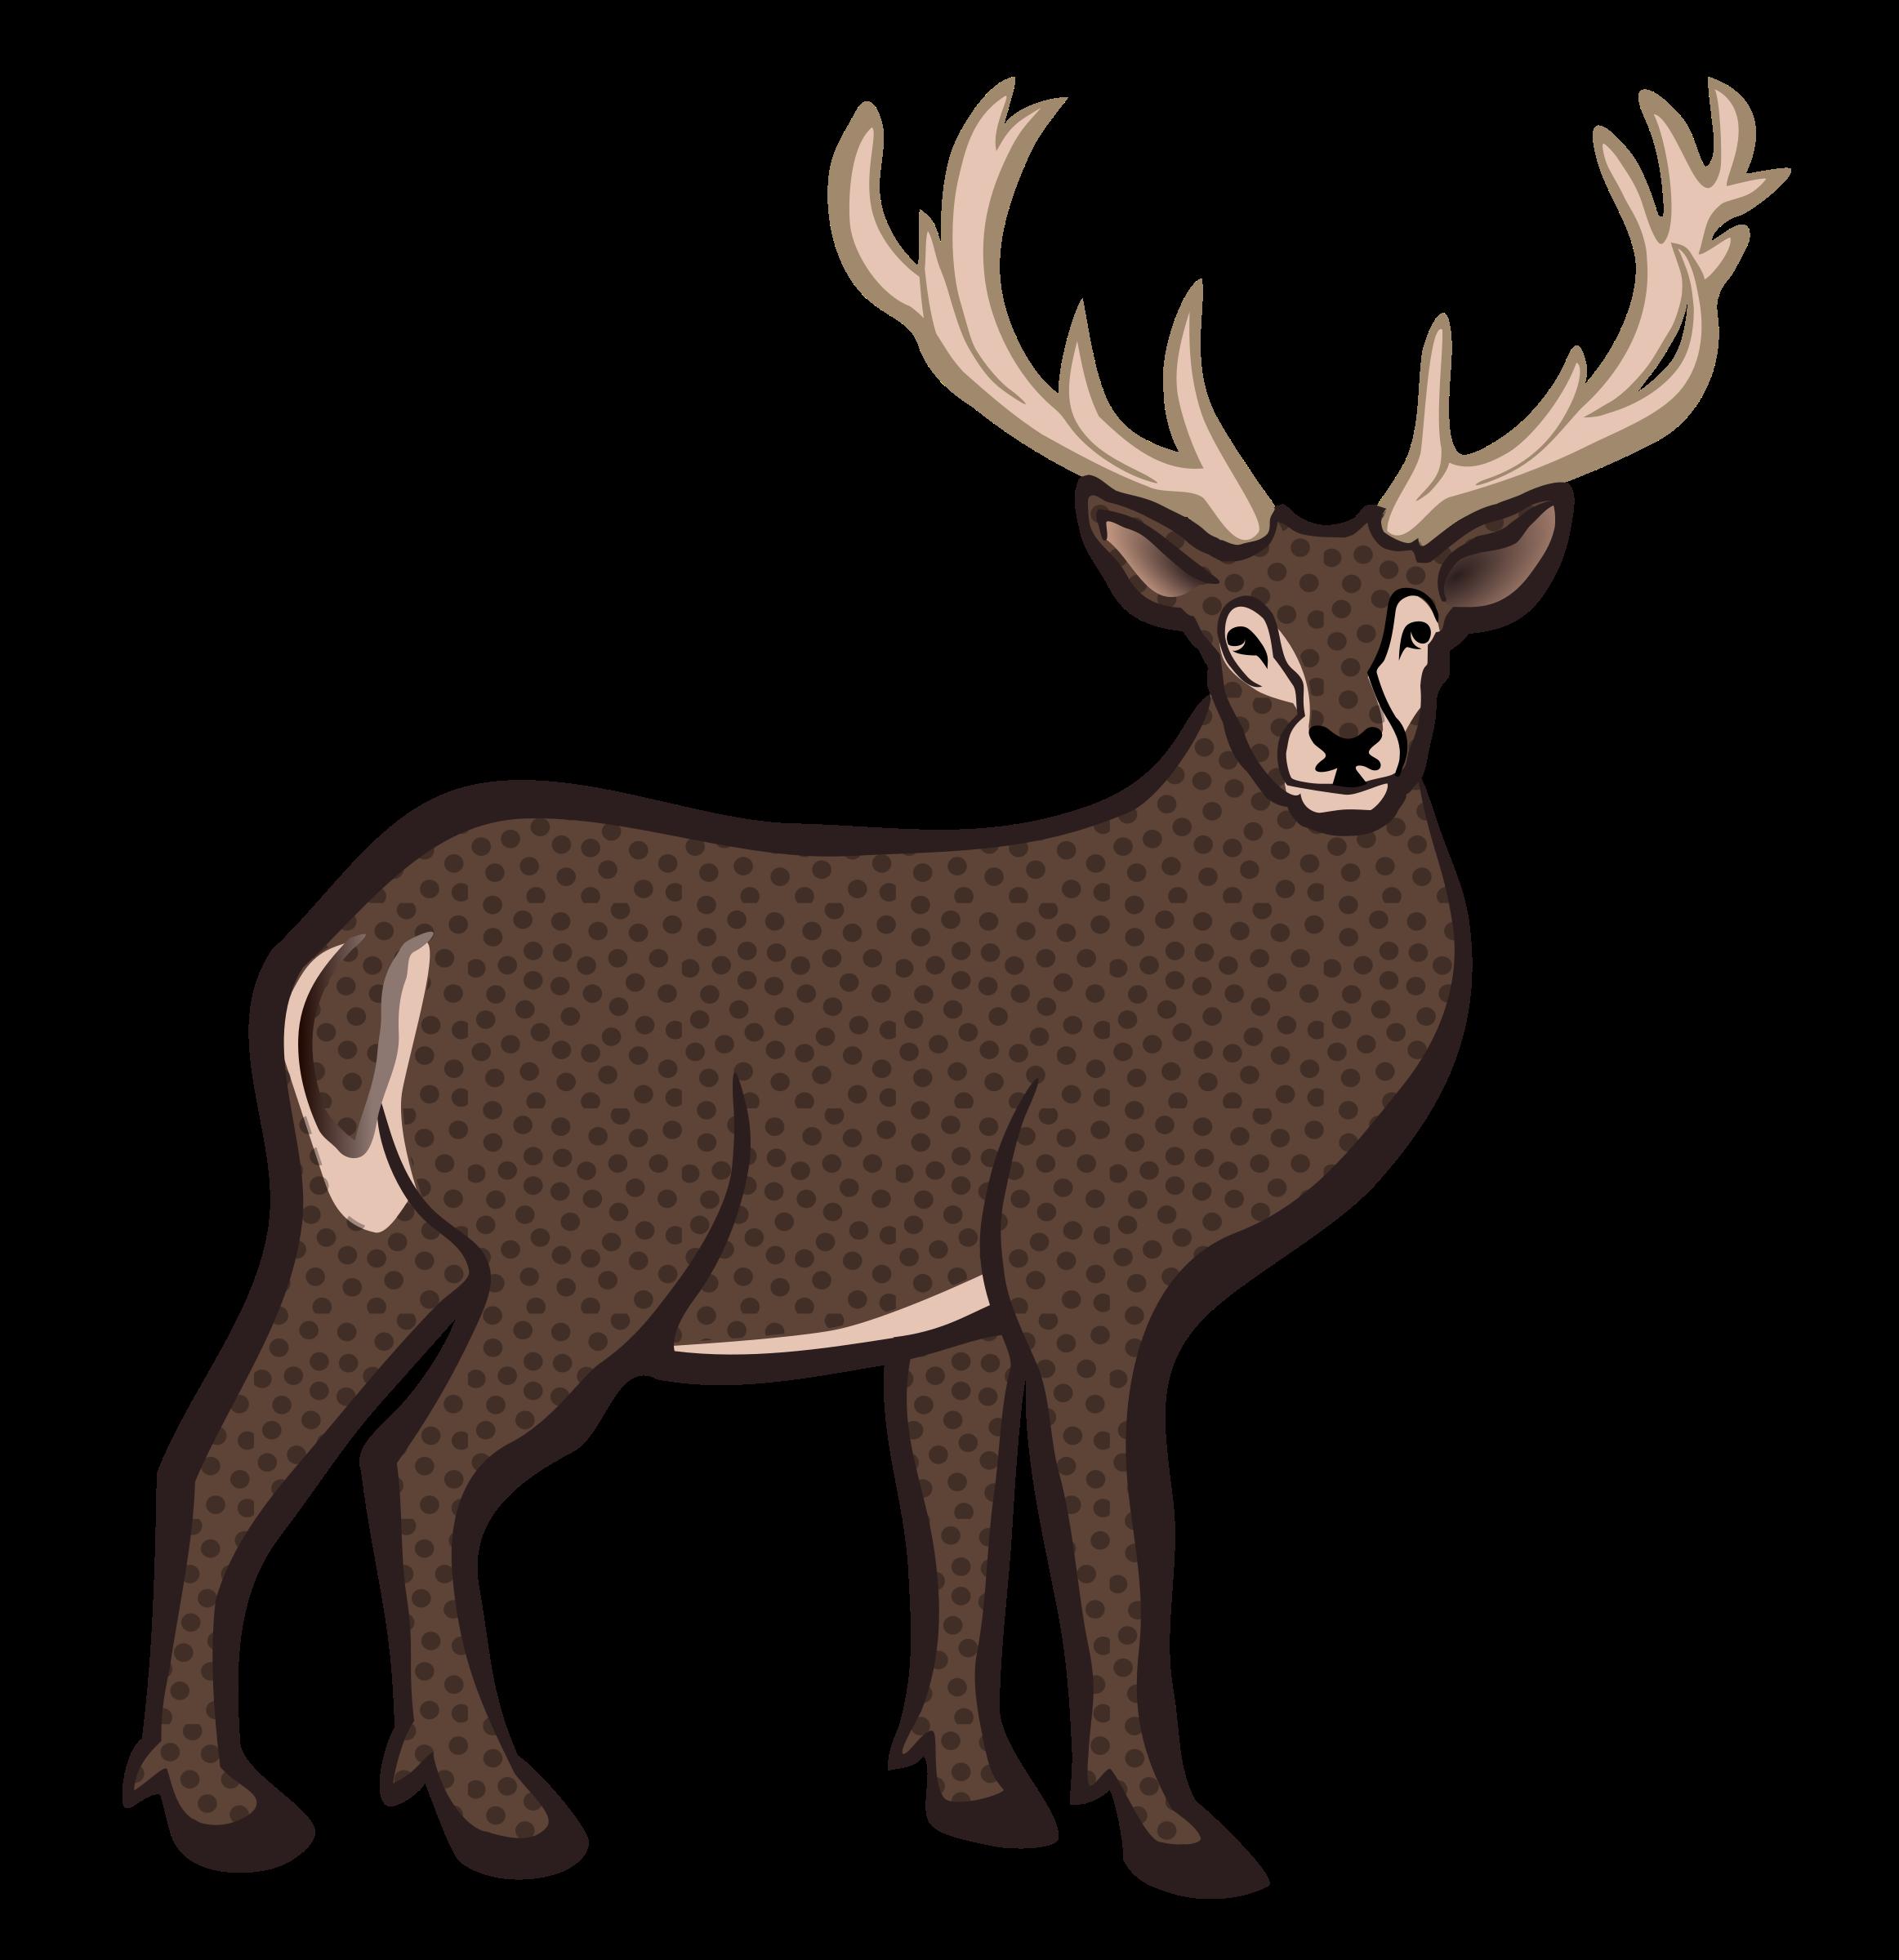 Deer clipart antler clipart. Coloured big image png